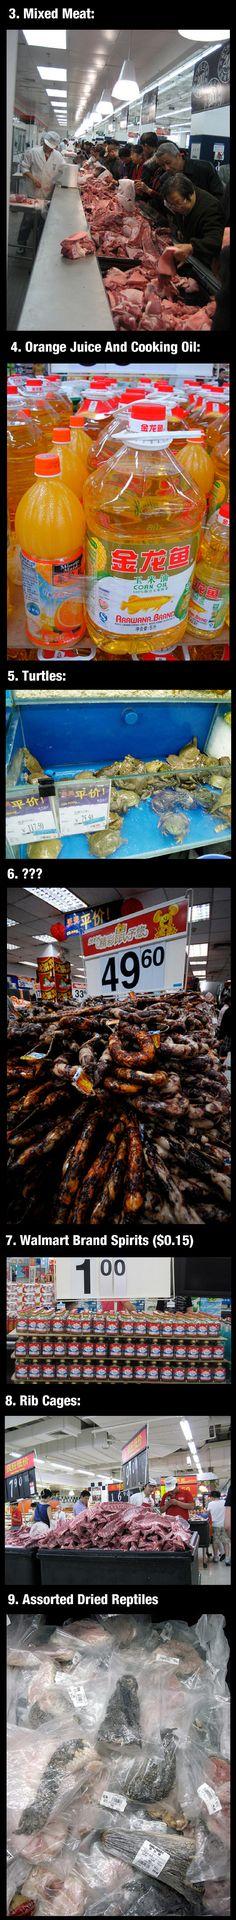 Strange things they sell at Walmart China